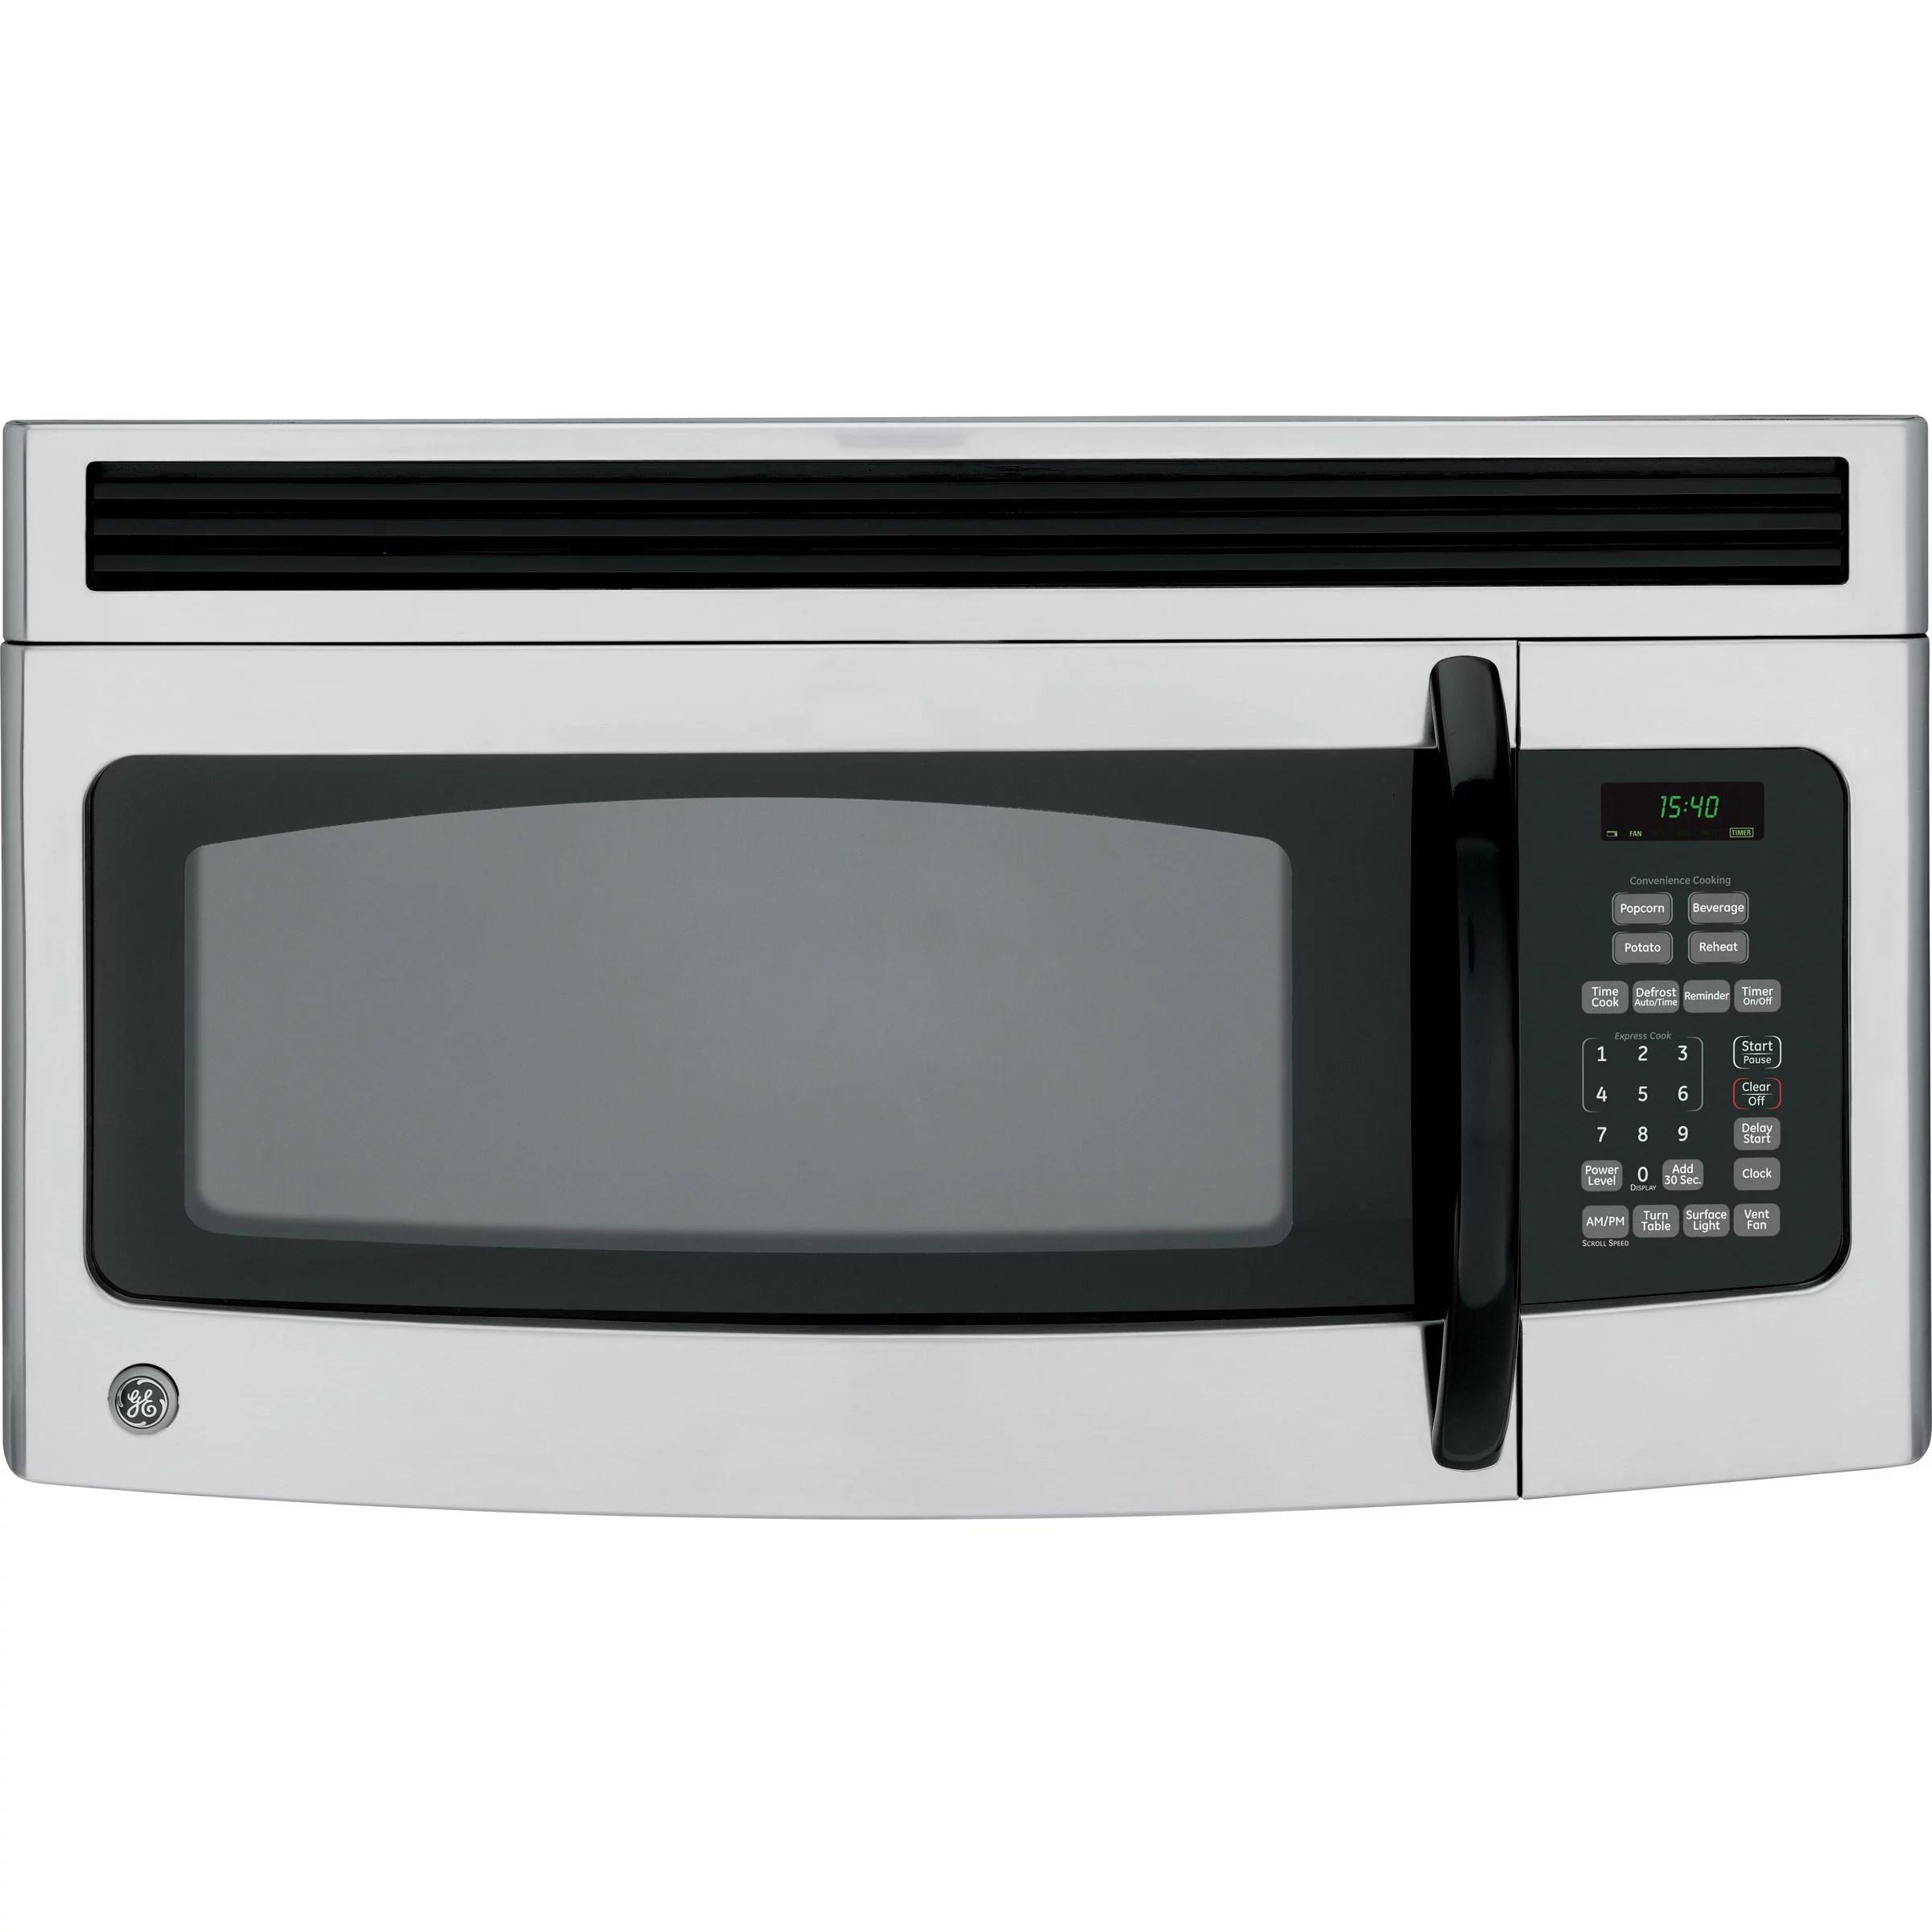 ge spacemaker jvm1540lmcs microwave oven over range 1 5 cu ft 950 w cleansteel